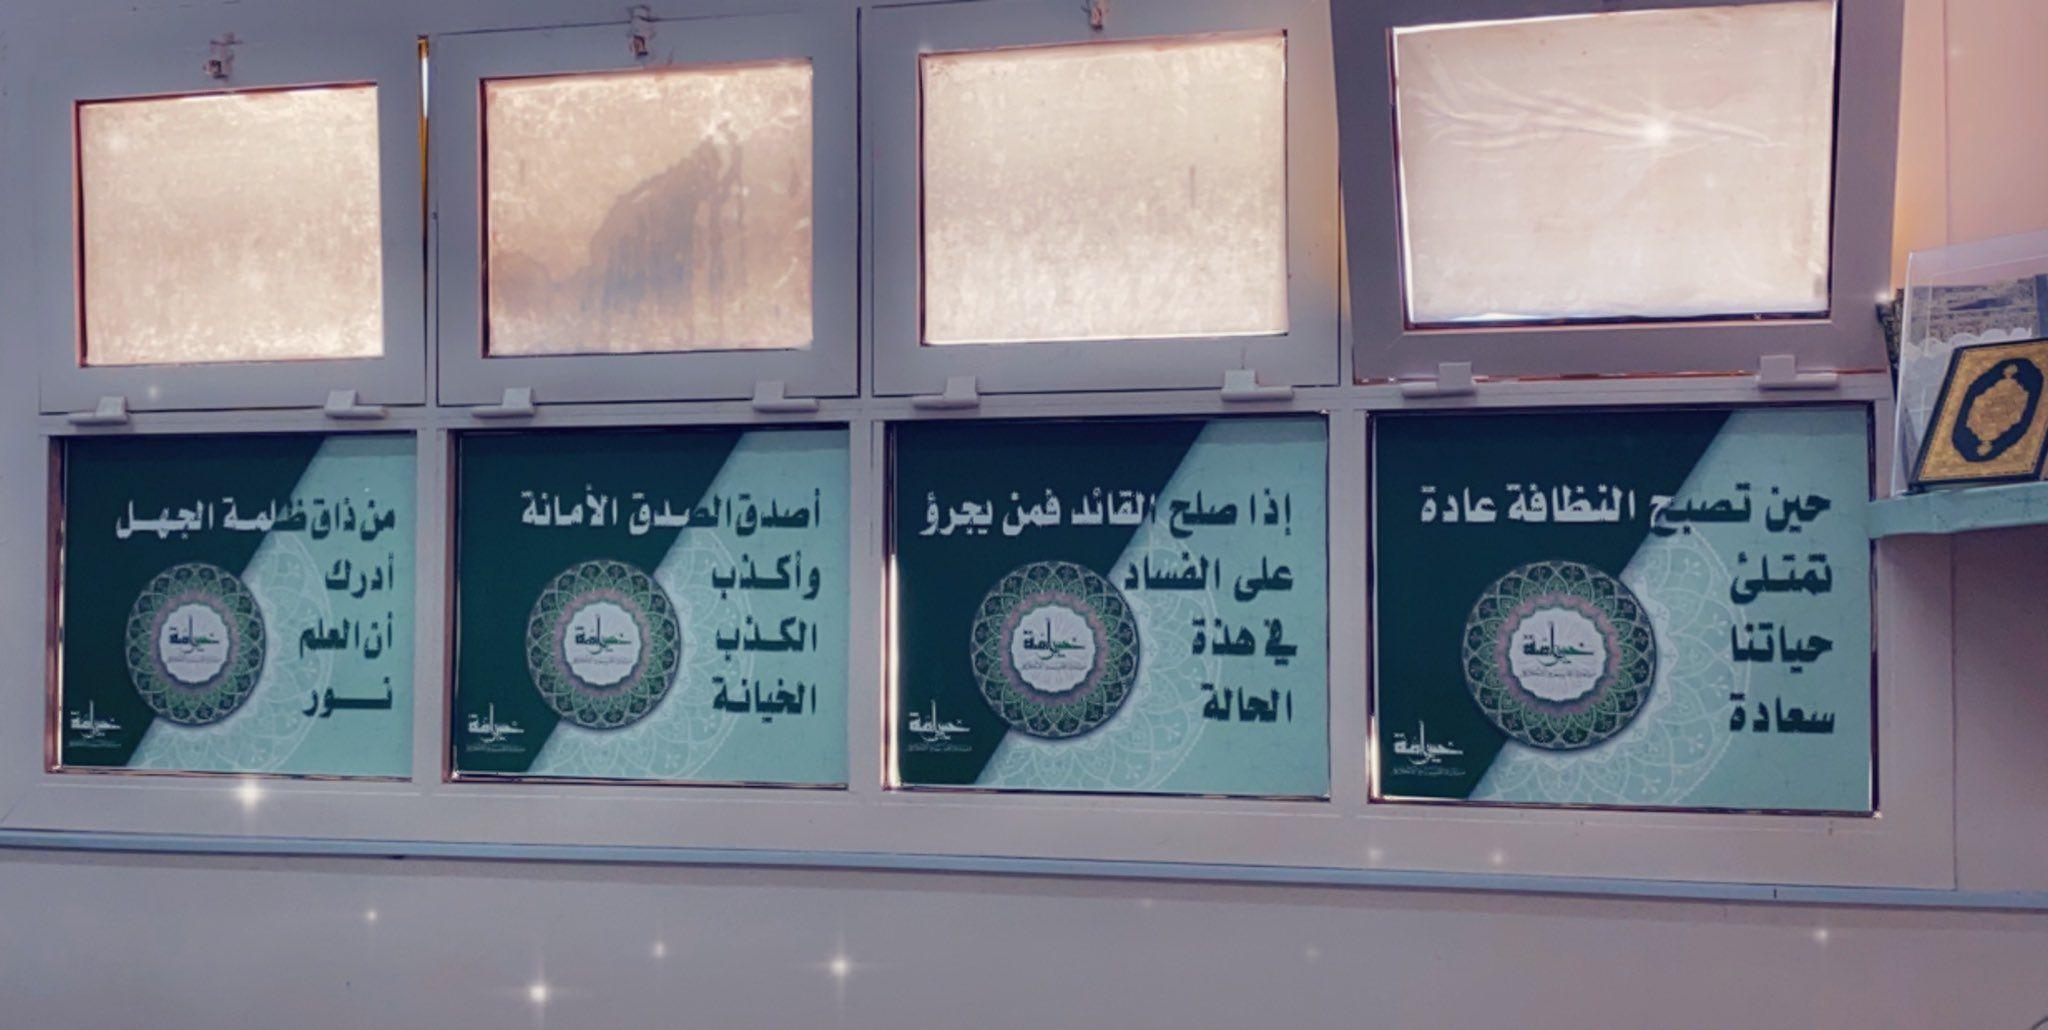 تجهيز نوافذ الفصل من ذاق ظلمة الجهل أدرك أن العلم نور مصطفى نور الدين